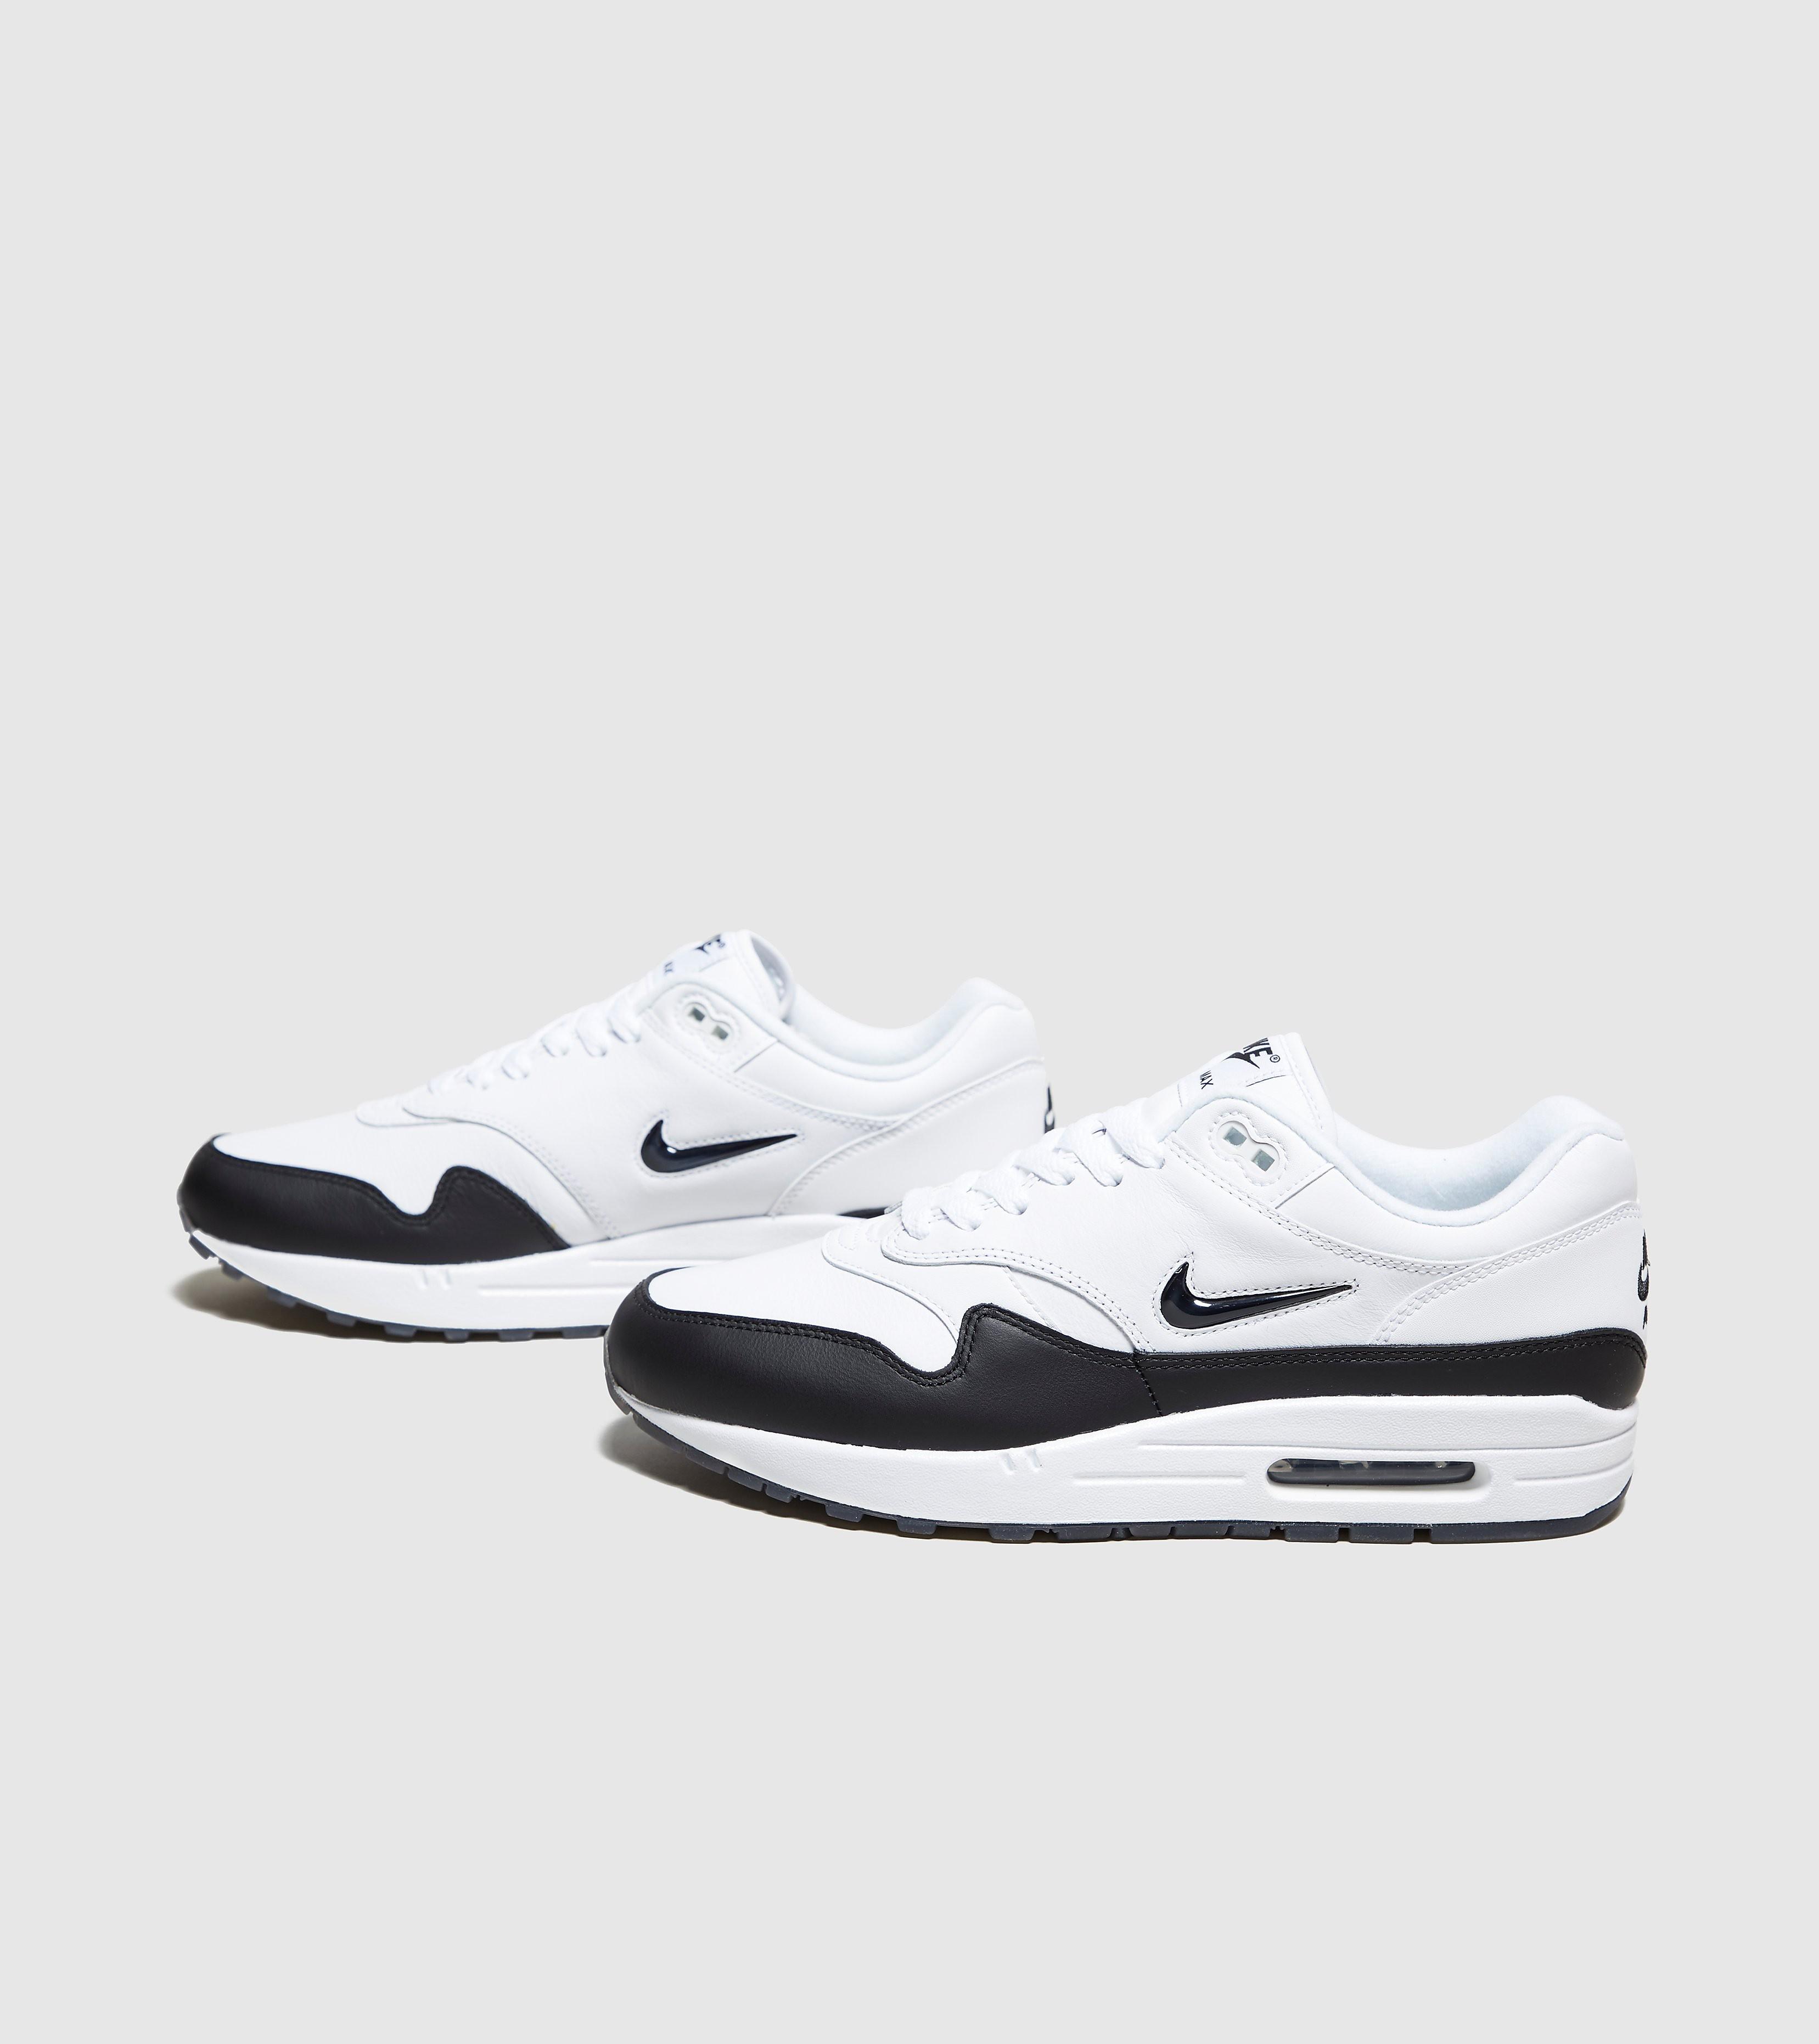 Nike Air Max 1 Jewel QS